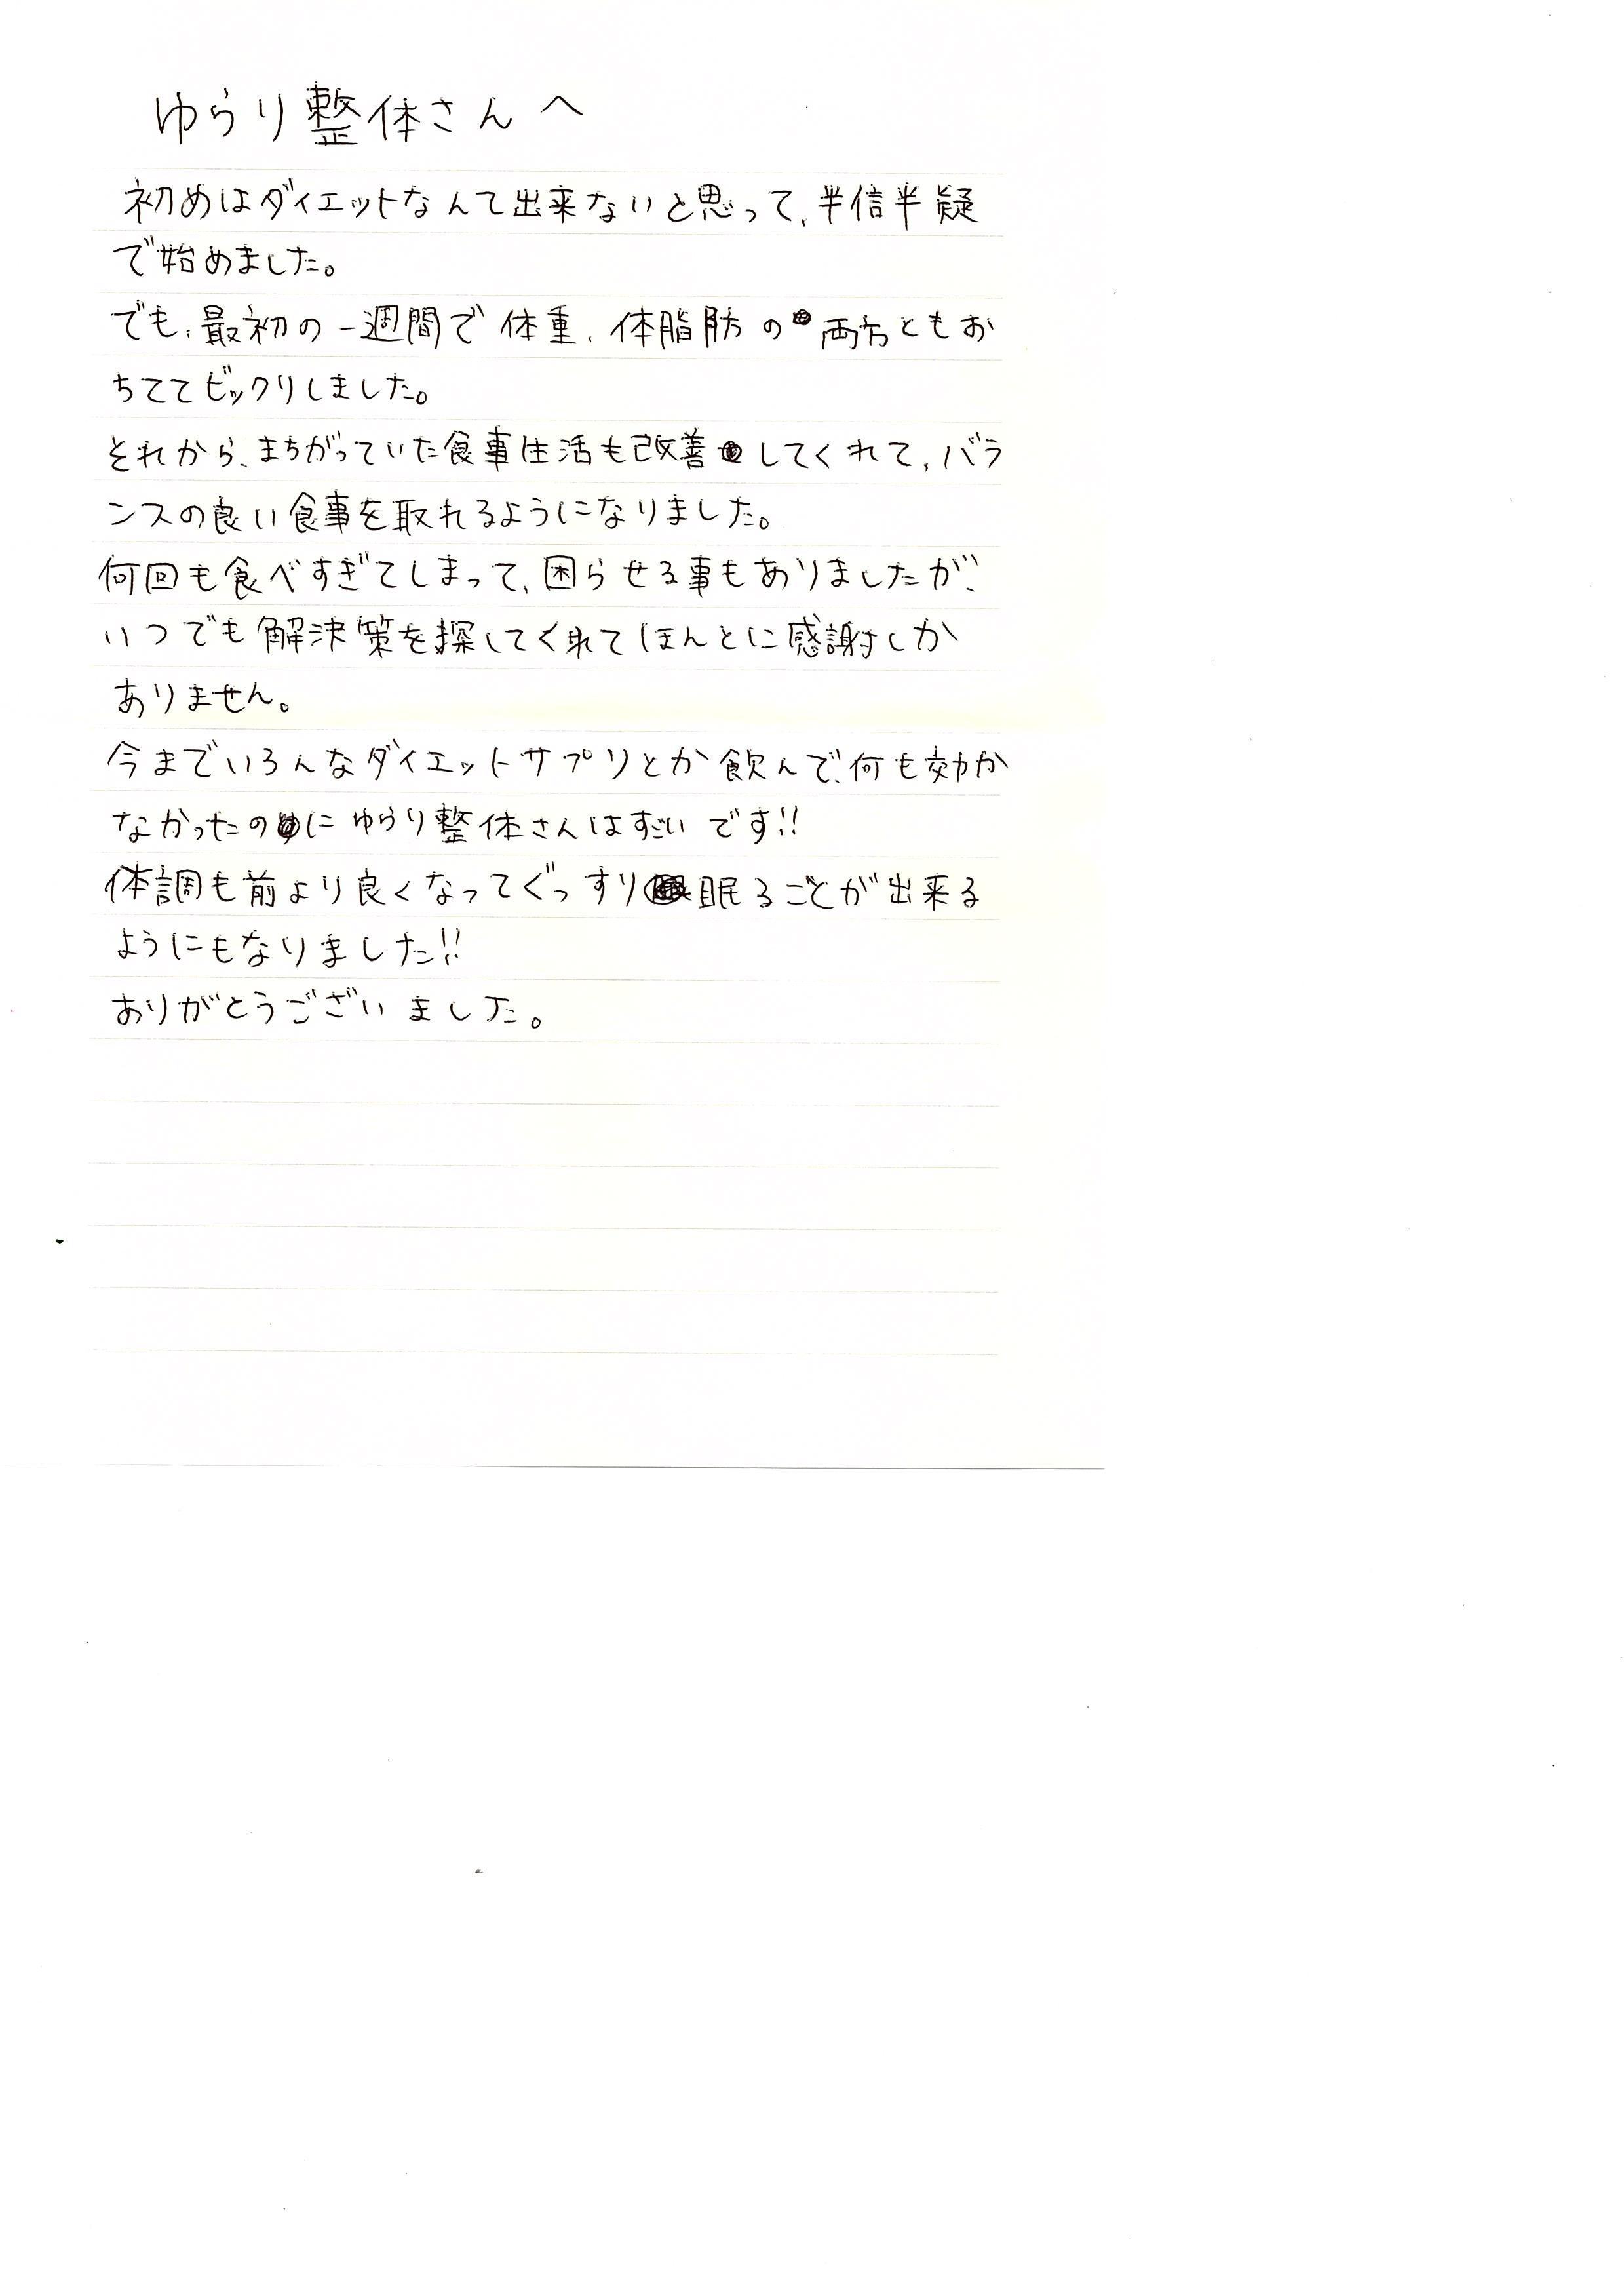 城間美咲さん手紙